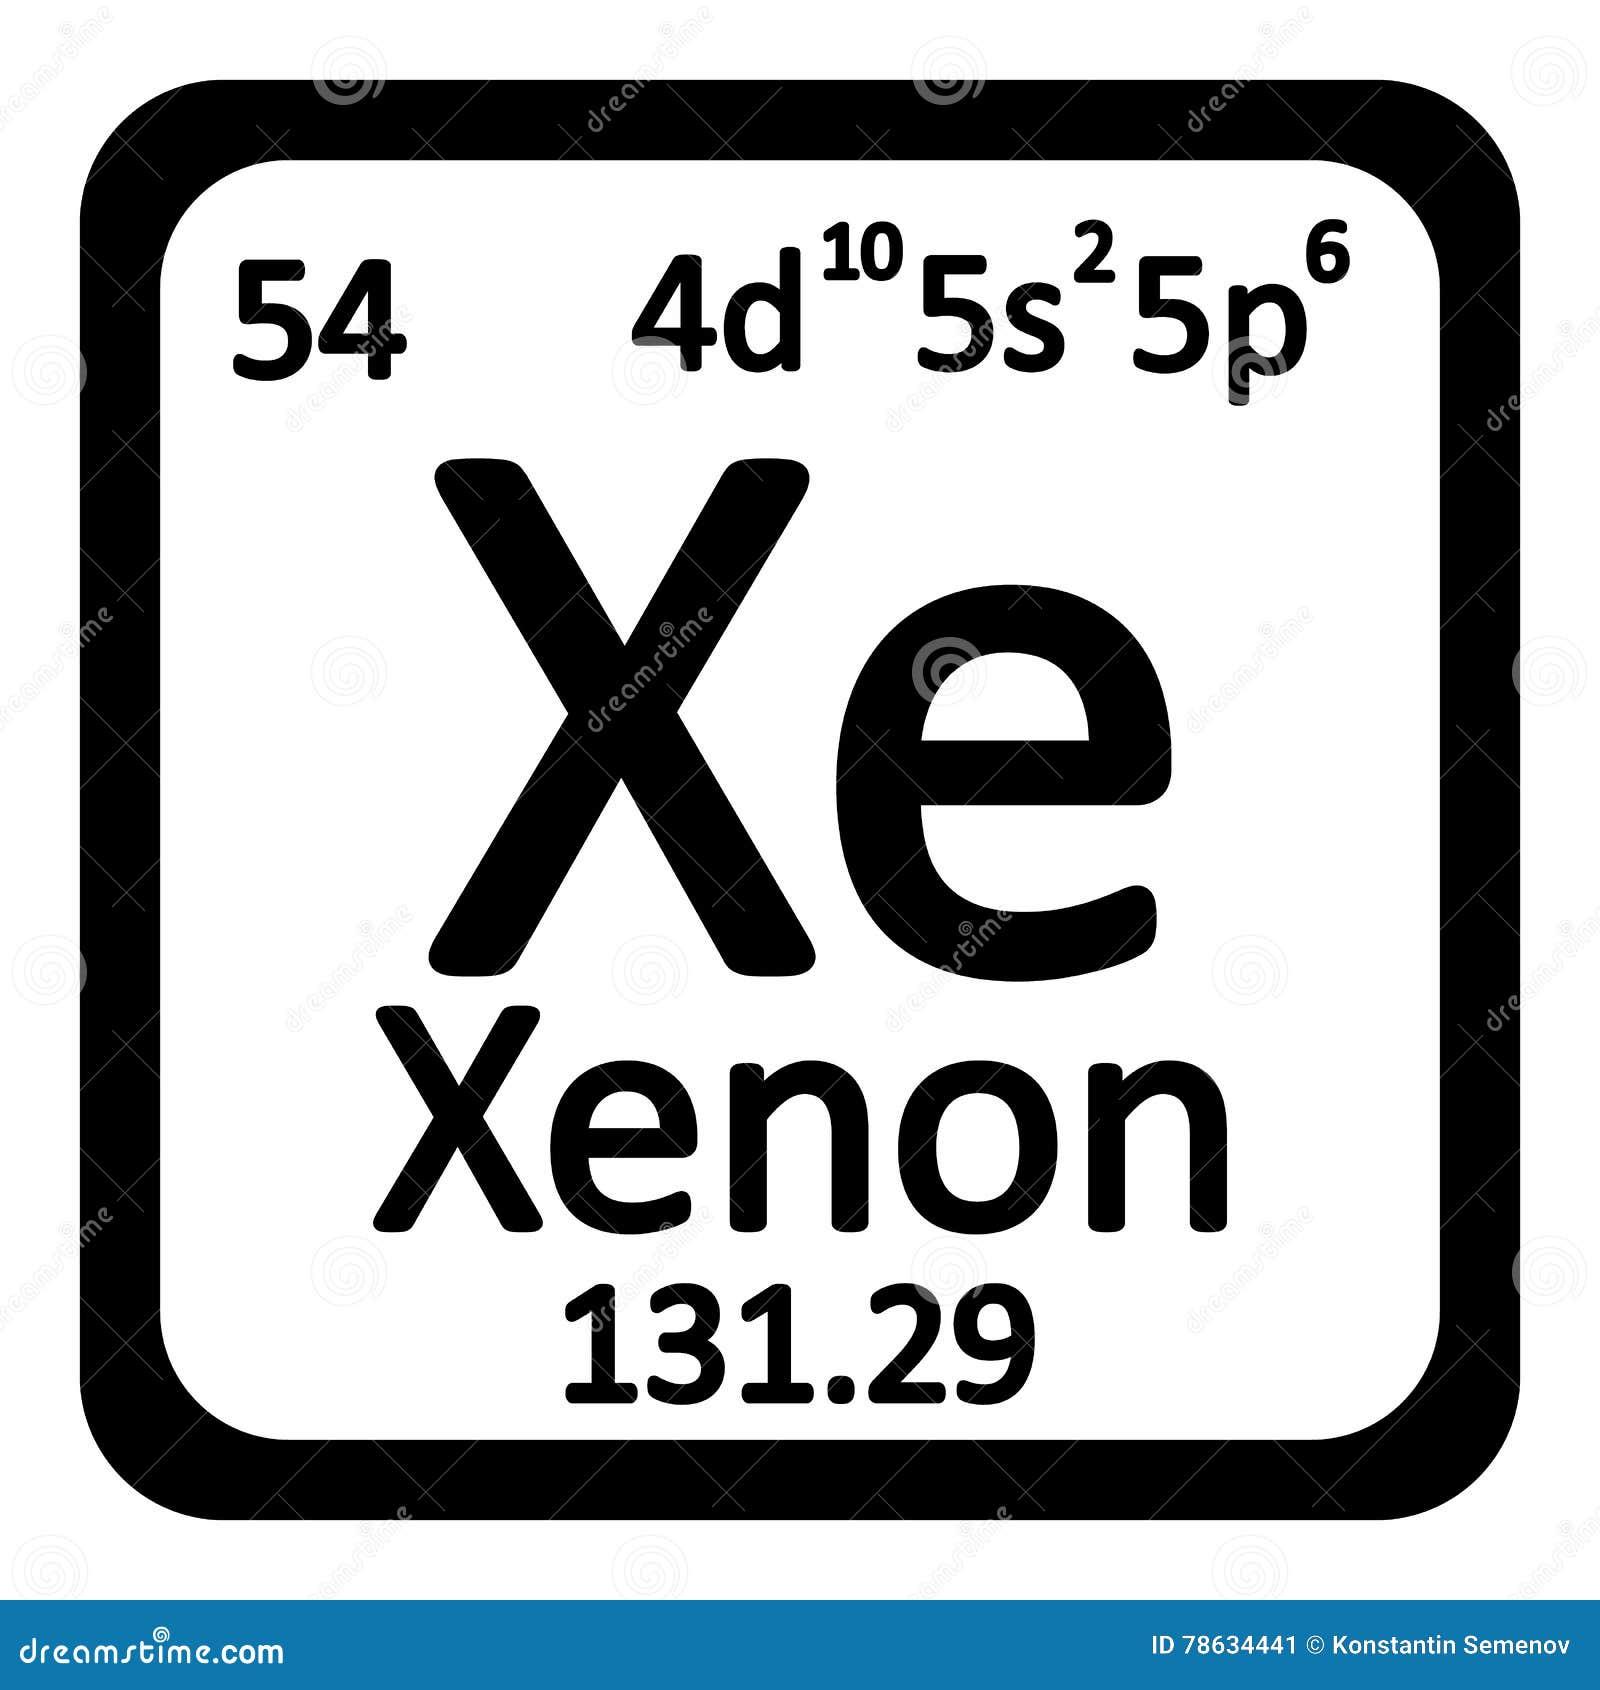 Xenon periodic table facts choice image periodic table images xenon periodic table aviongoldcorp periodic table element xenon icon stock ilration image gamestrikefo choice image gamestrikefo Gallery